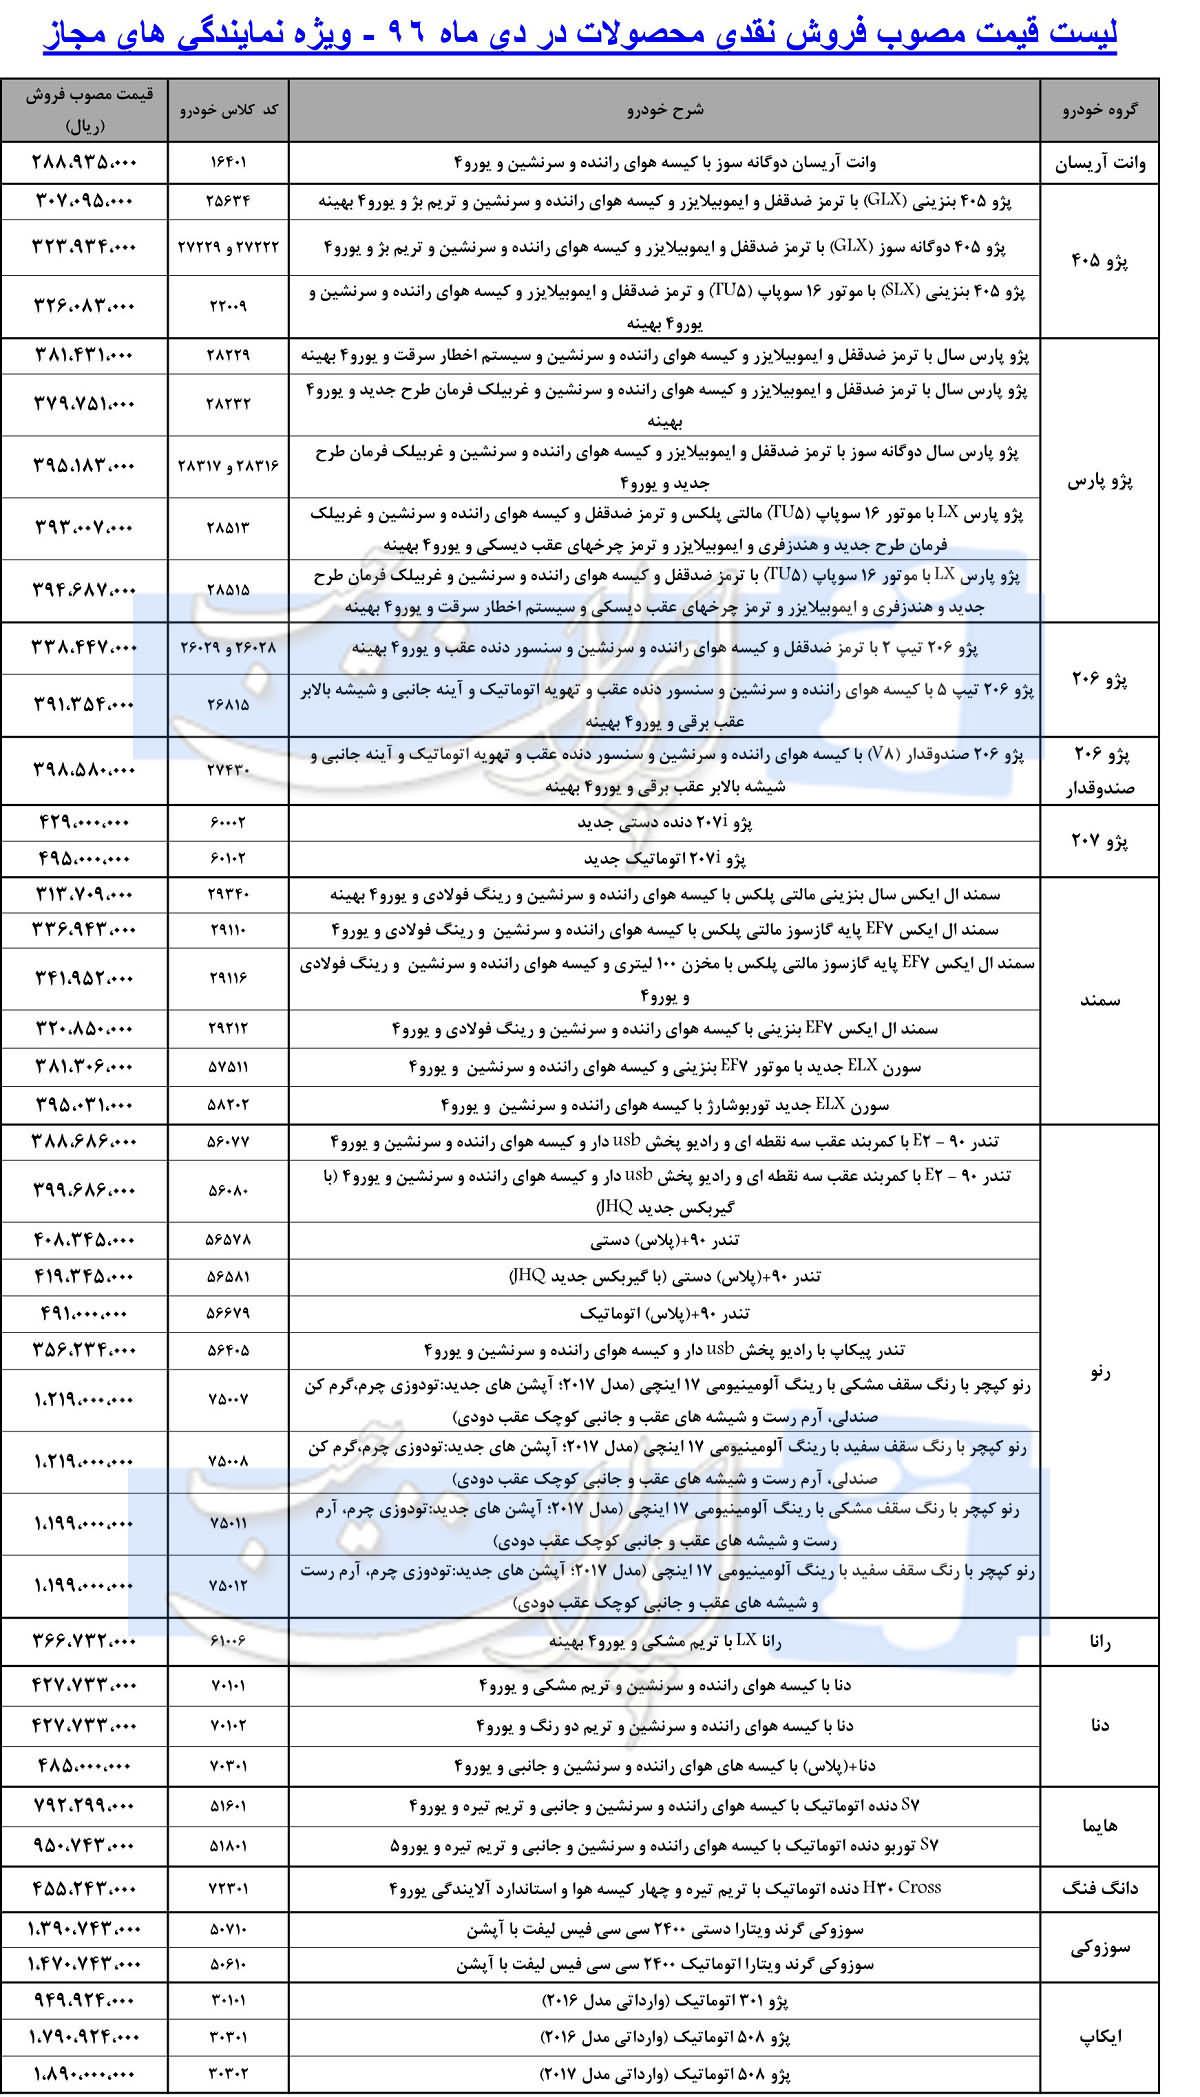 لیست جدید قیمت محصولات ایران خودرو - قابل اجرا از 2 دی ماه